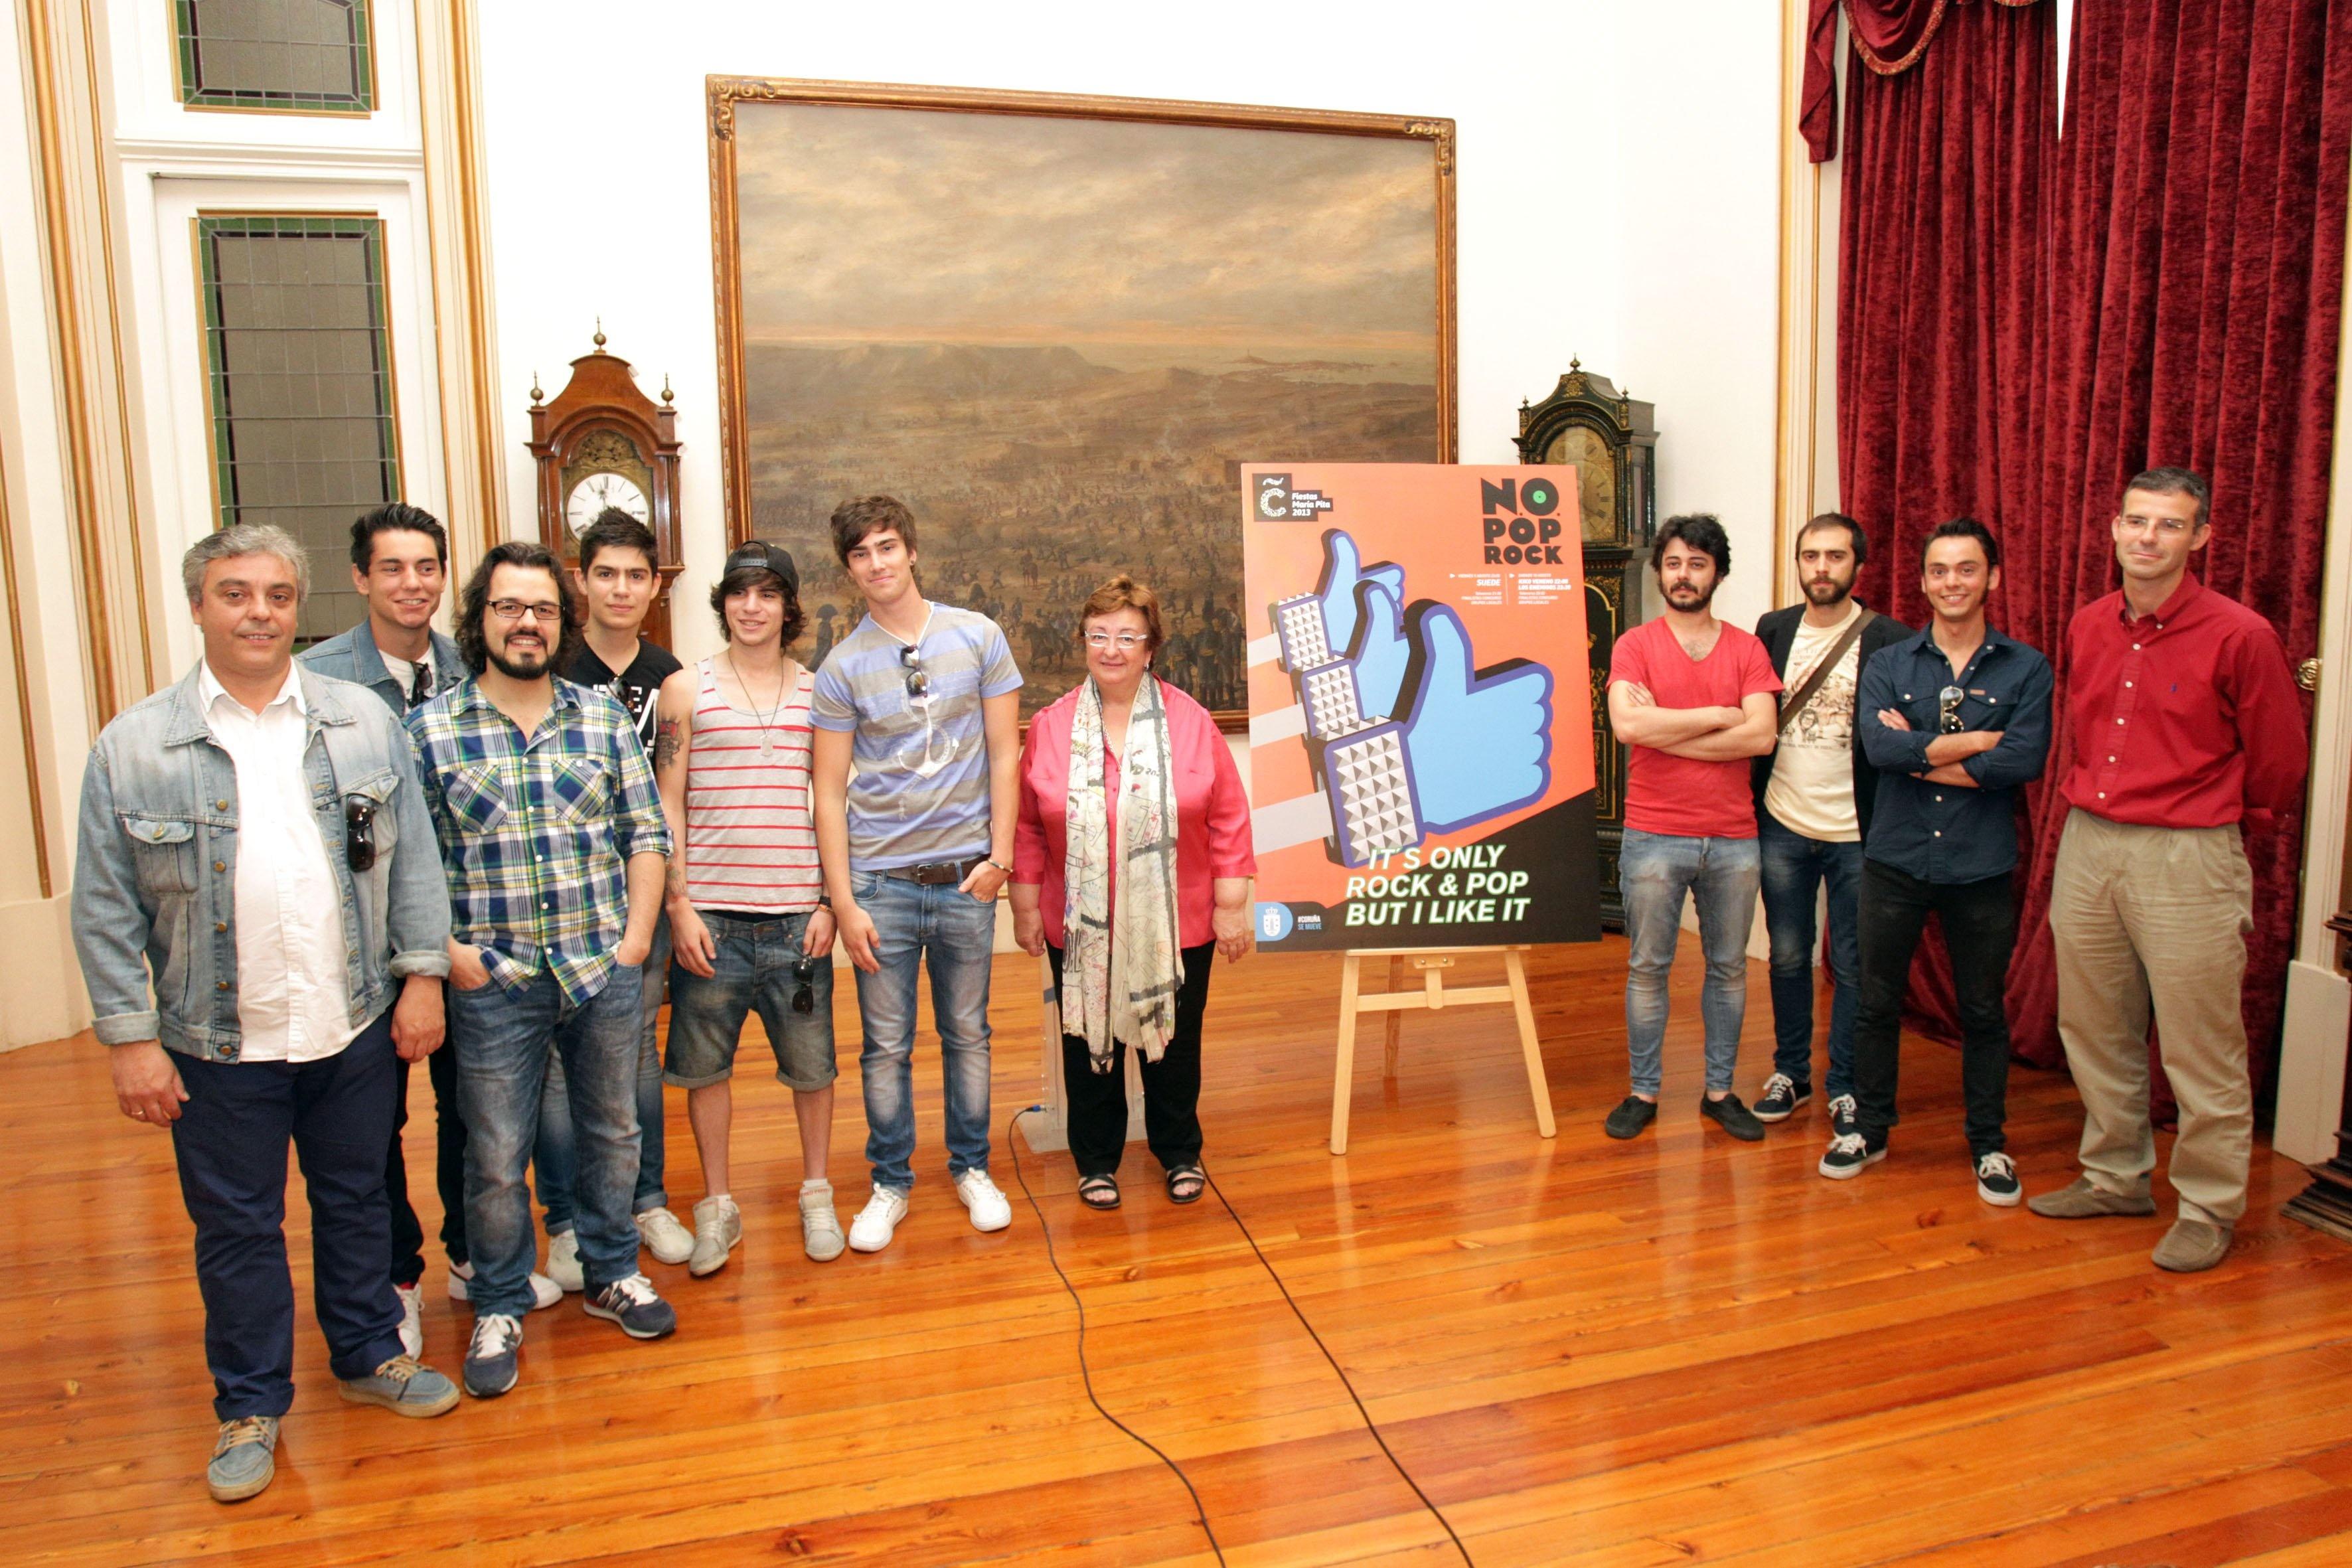 Suede, Kiko Veneno y los Enemigos encabezan el cartel del Noroeste Pop Rock de A Coruña